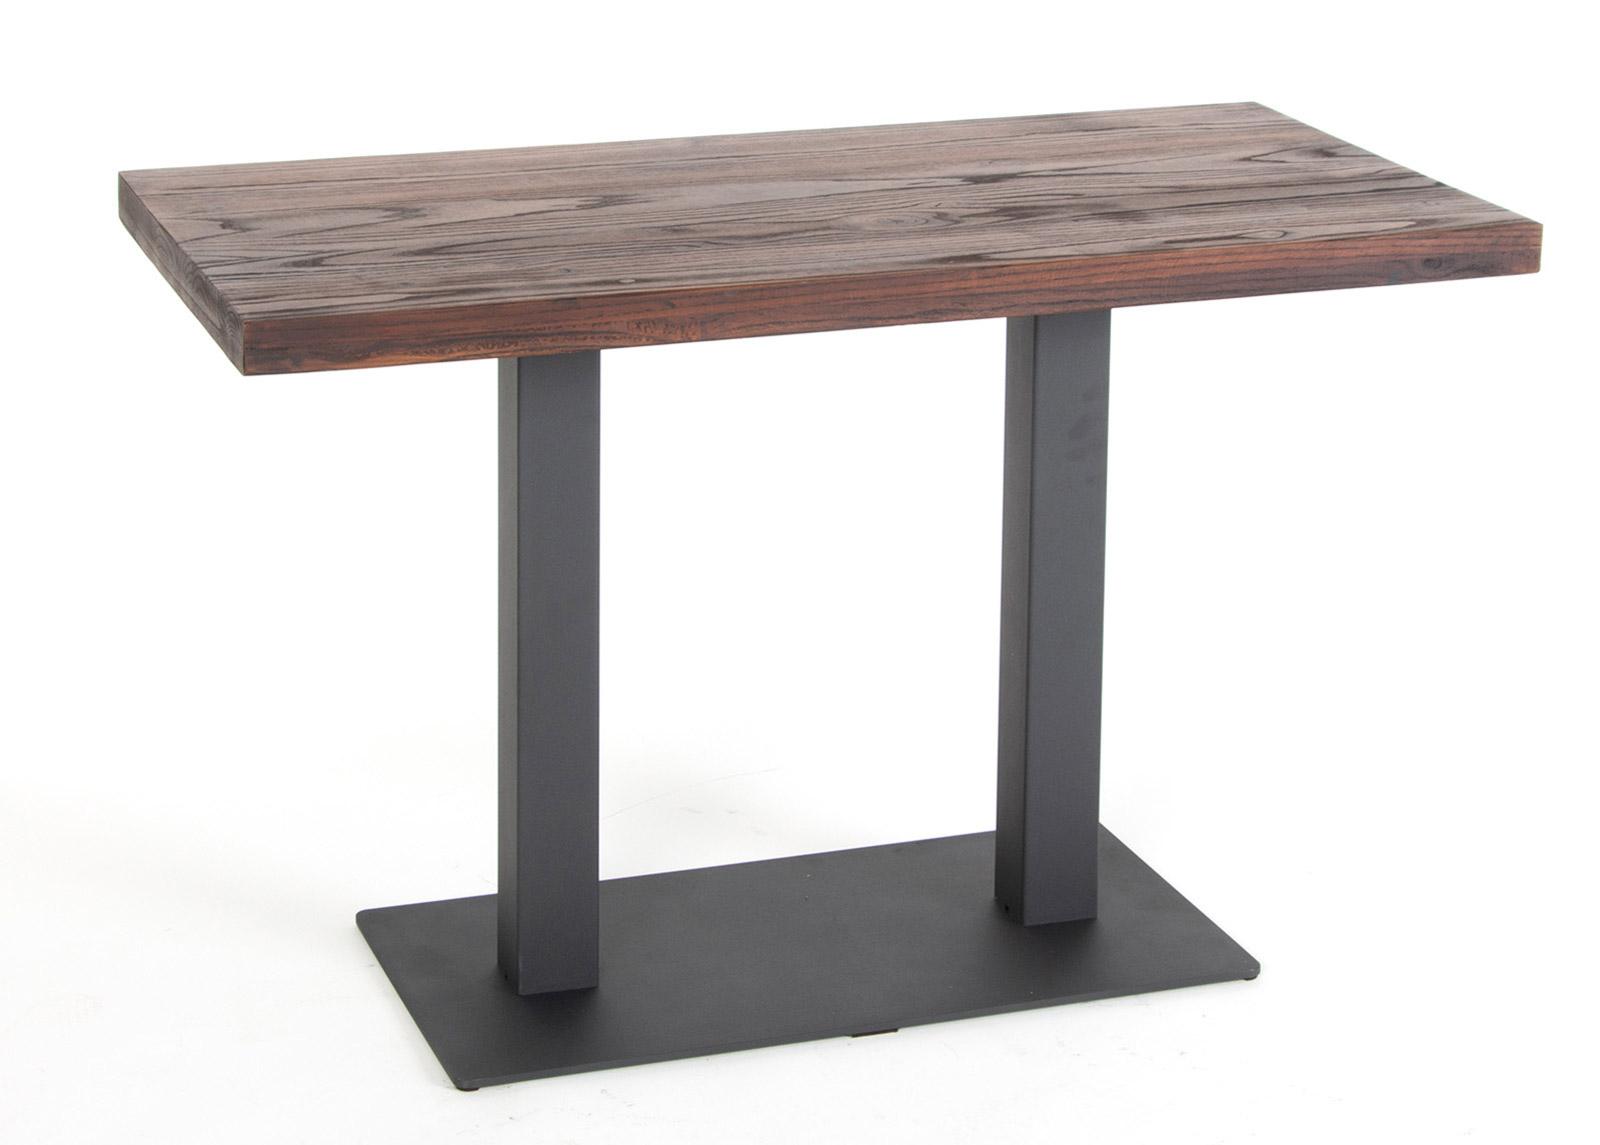 Ruokapöytä 120x60 cm